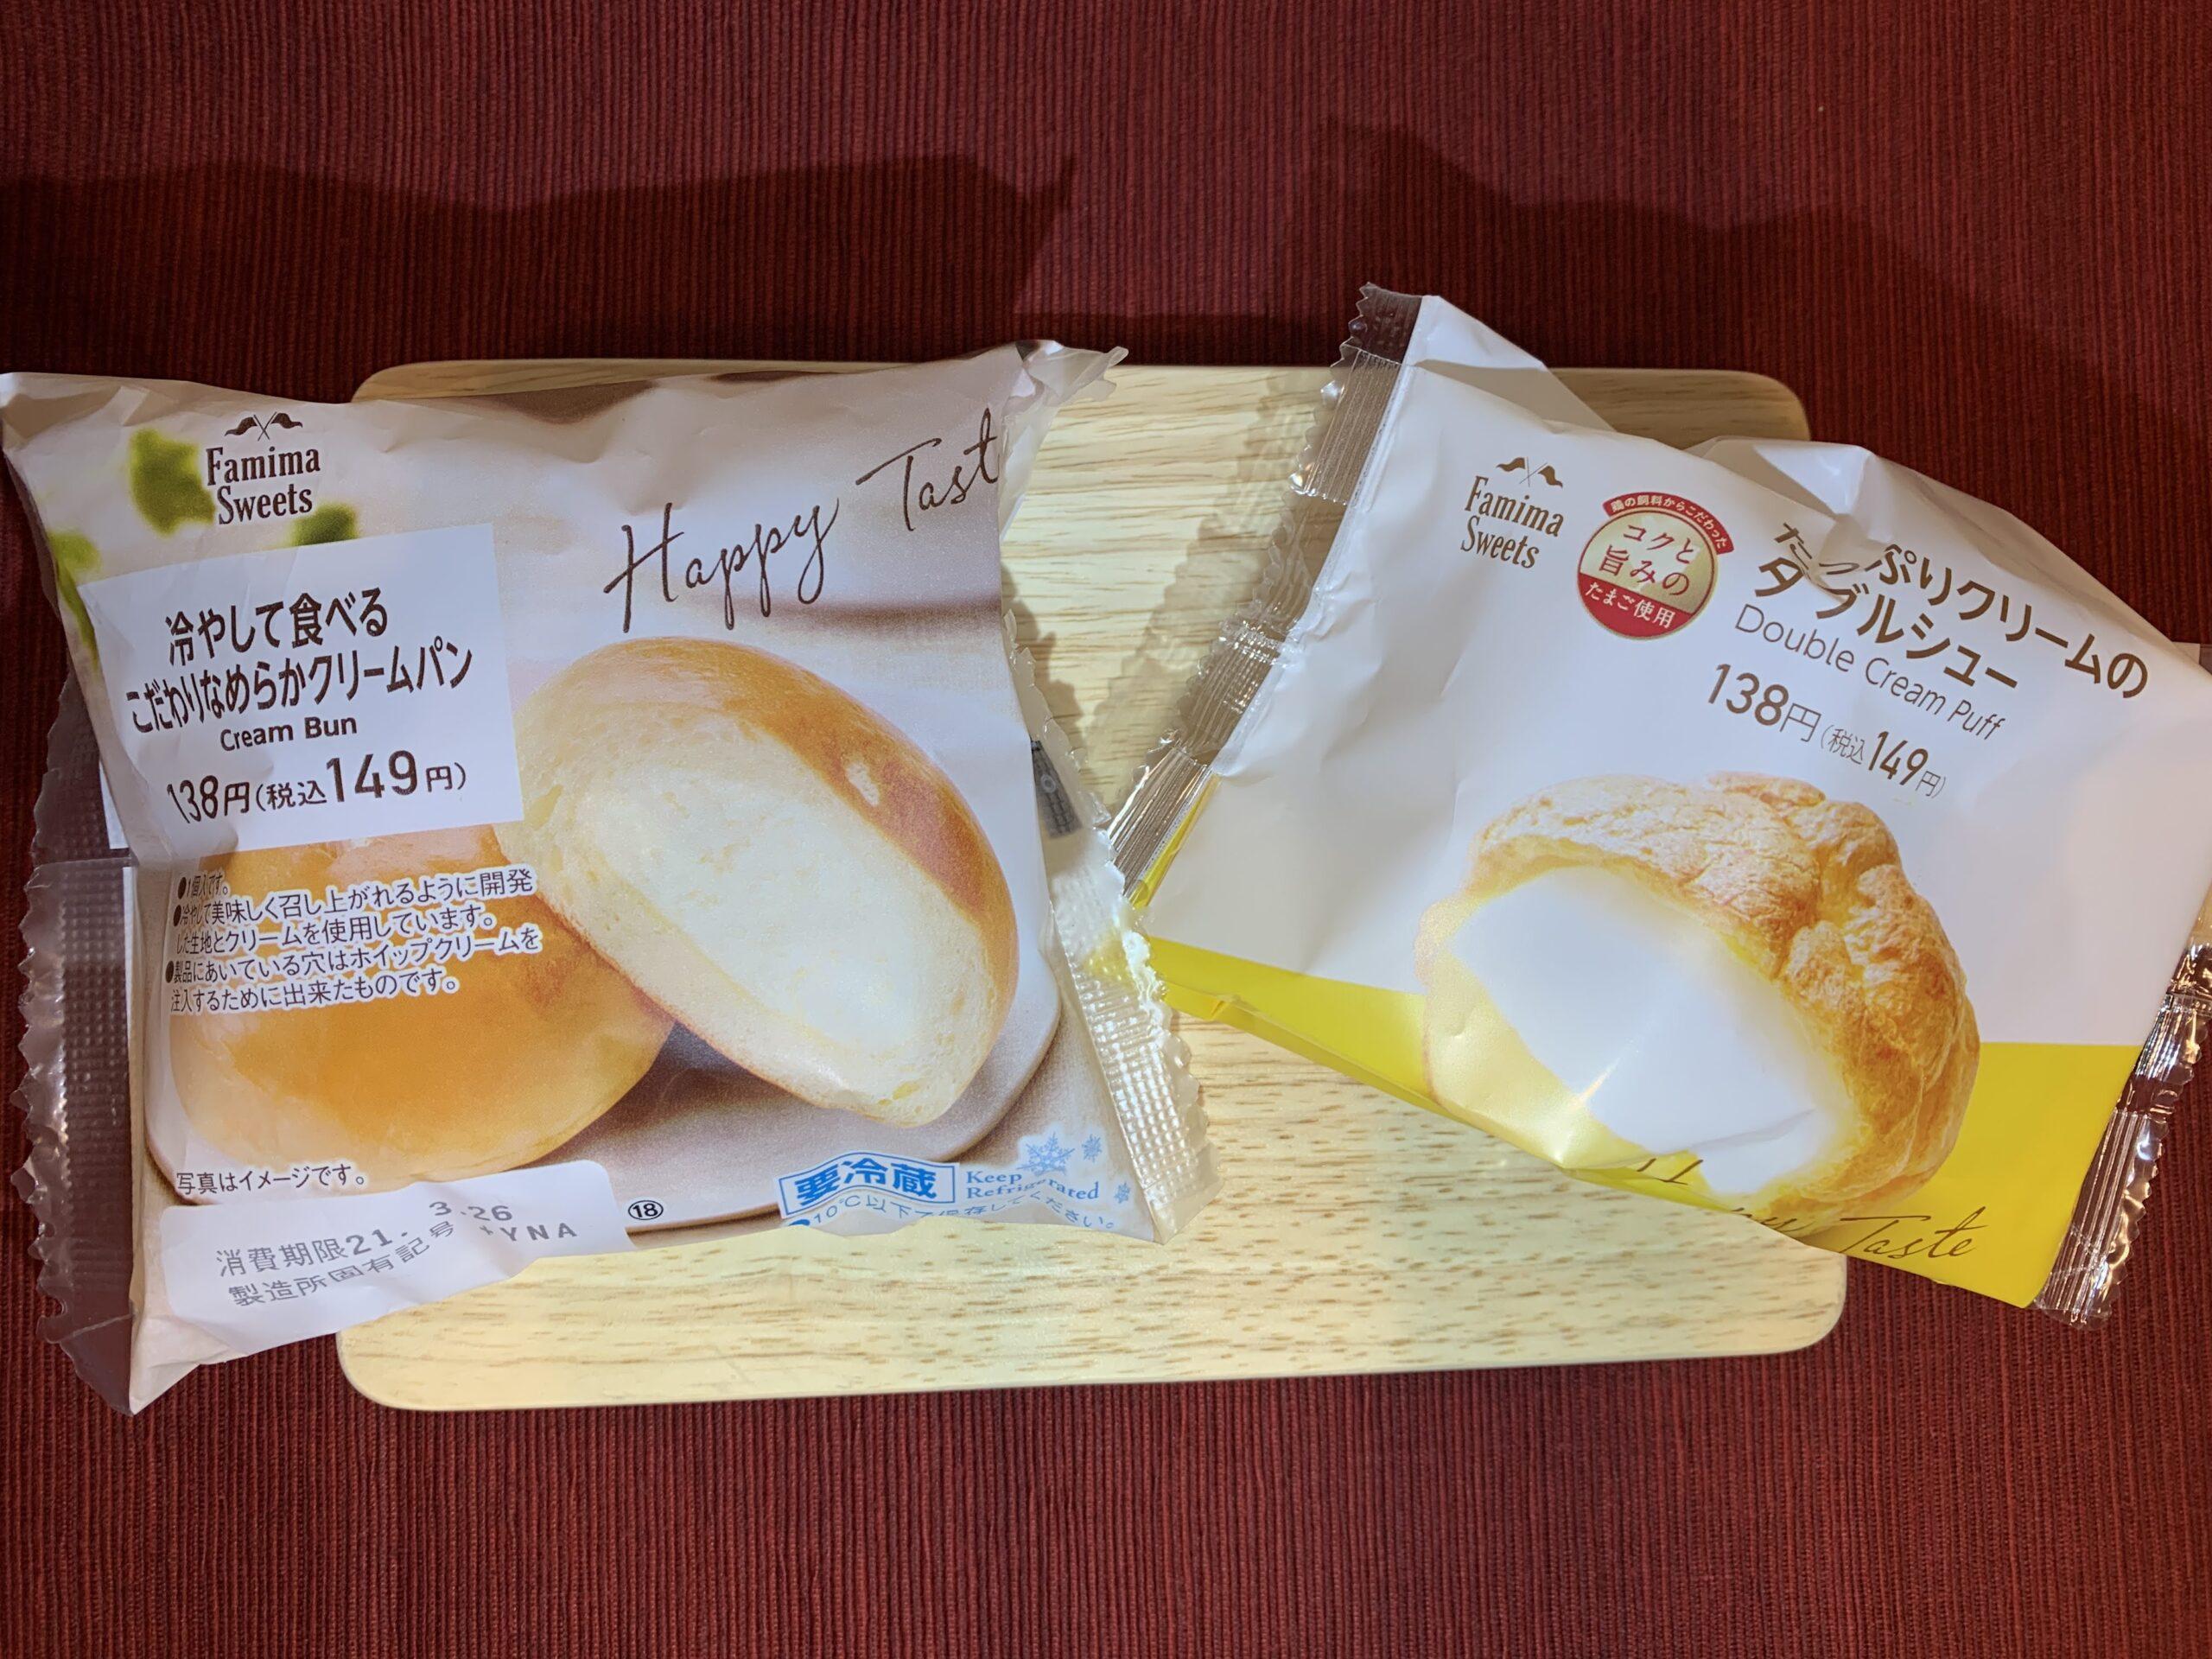 ファミマスイーツ・冷やして食べるこだわりなめらかクリームパン&たっぷりクリームのダブルシューの実食レビュー